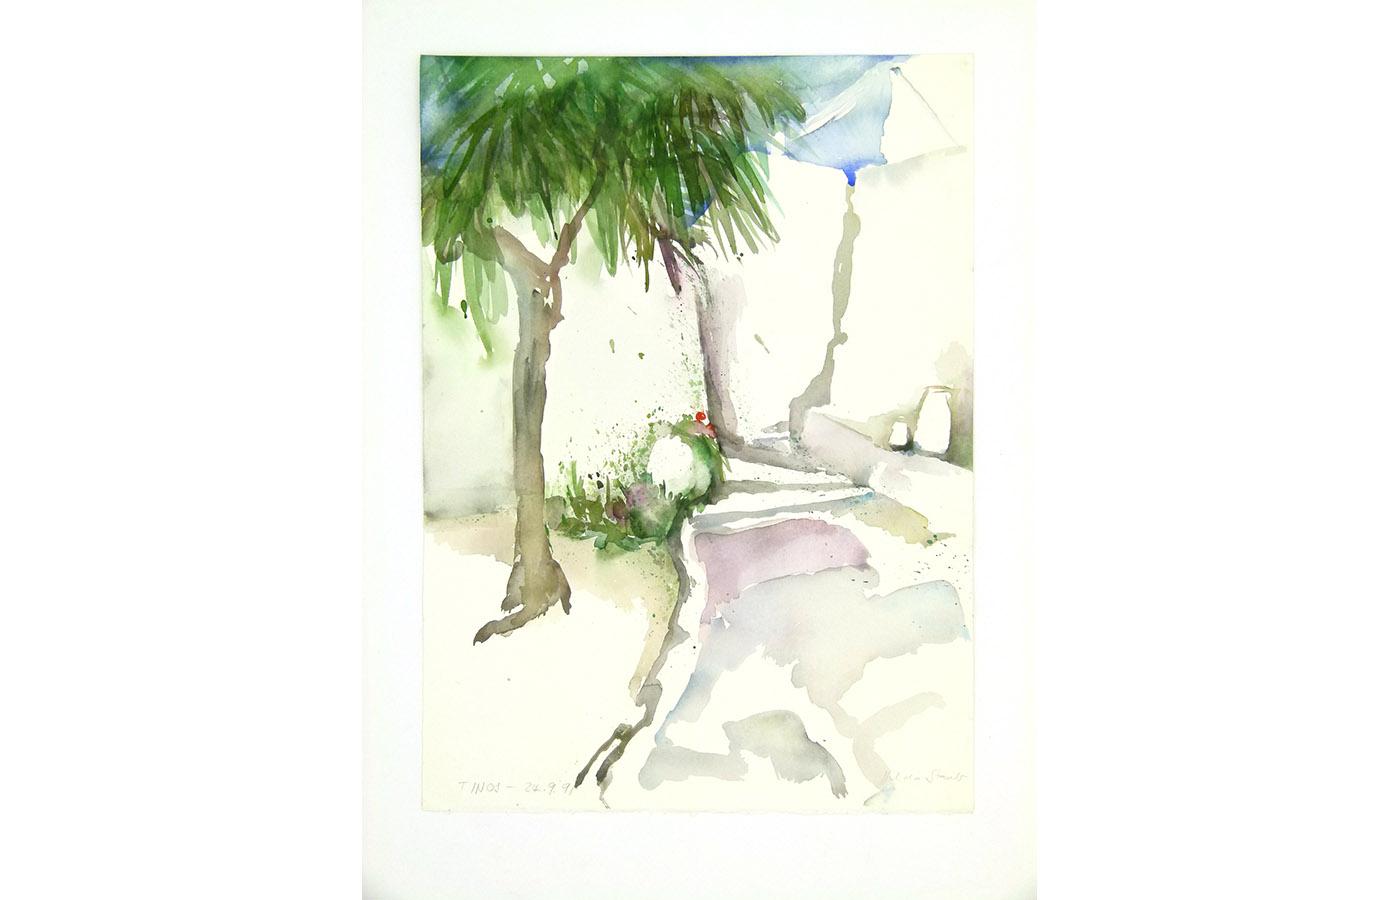 Landschaften und Reisebilder, Aquarell, 1991 bis 1993_0037_L1110036a